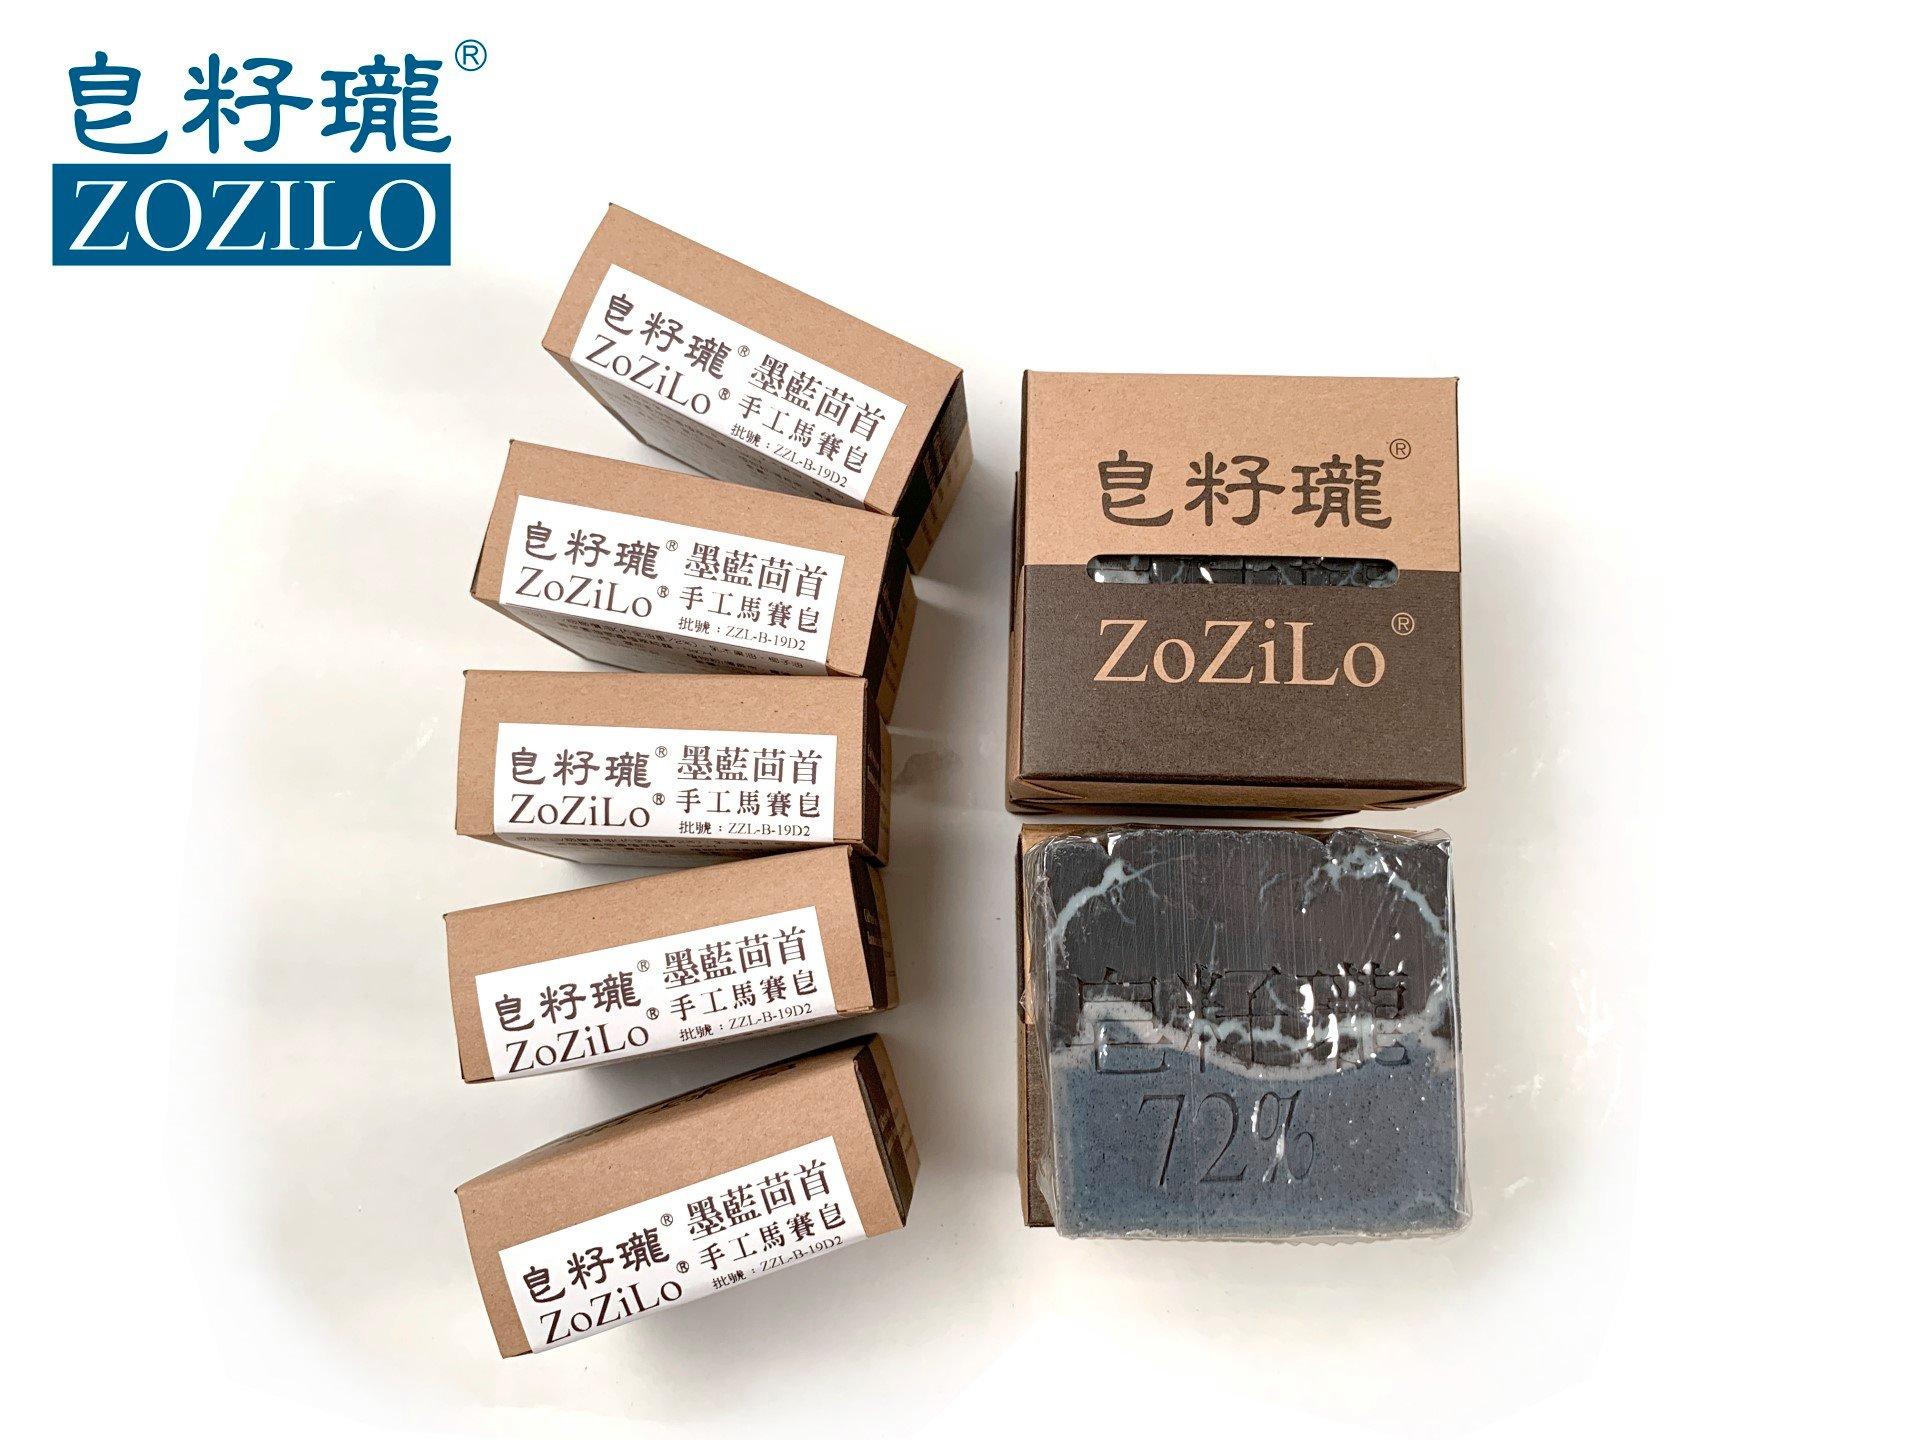 皂籽瓏冷製手工皂